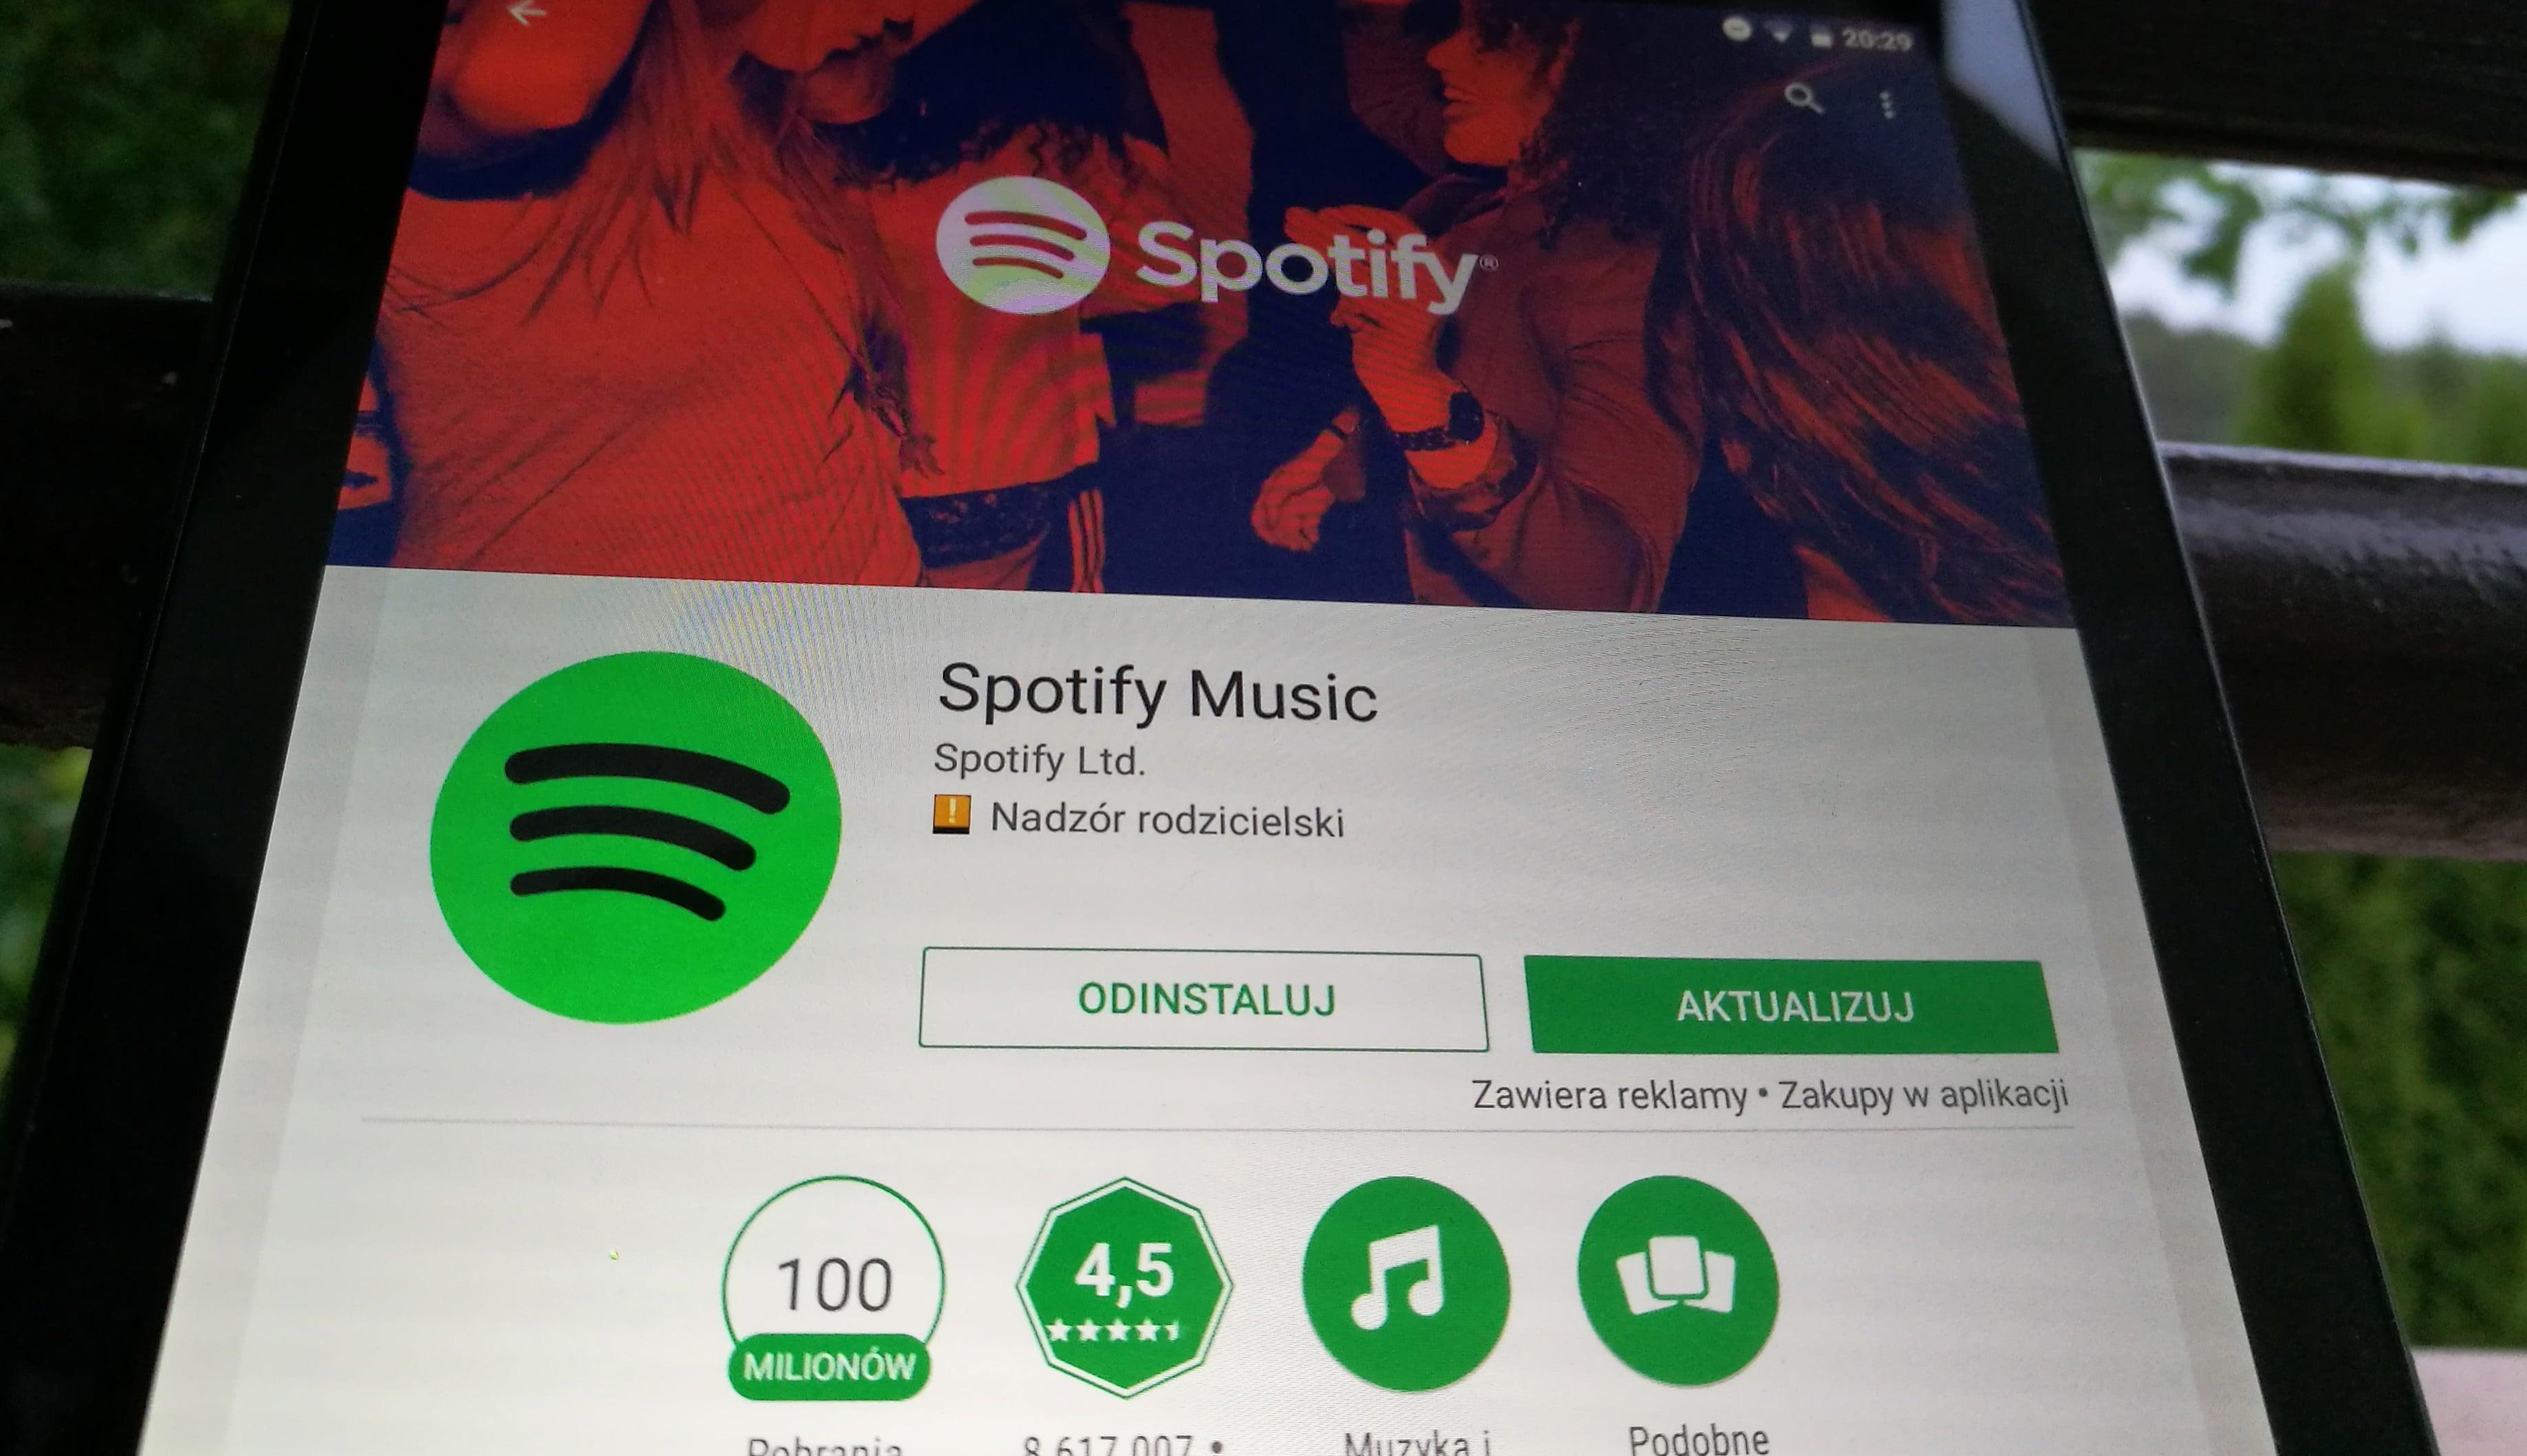 Tabletowo.pl W skrócie: Spotify ma 140 mln aktywnych kont, a Katy Perry 100 mln obserwujących na Twitterze Ciekawostki Raporty/Statystyki W skrócie